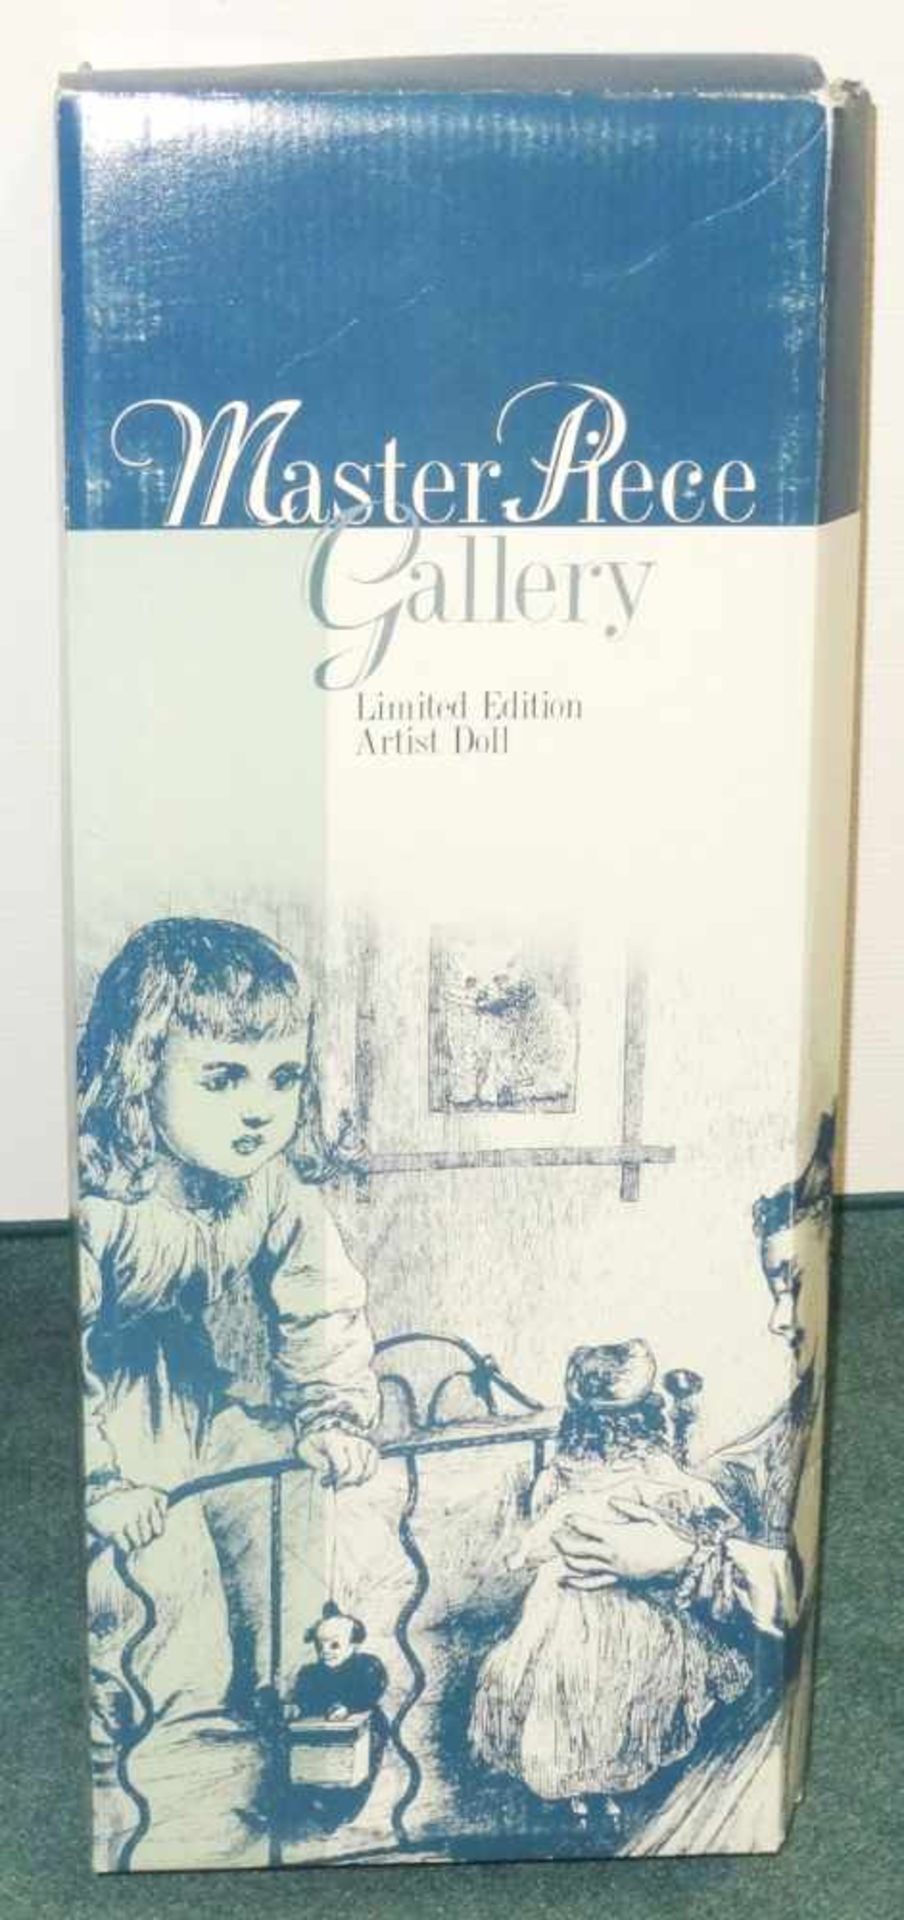 Sammlerpuppe ltd. Edition - Nina- in Freizeitbekleidung mit kleiner Puppe, Artist Doll Linda - Bild 2 aus 5